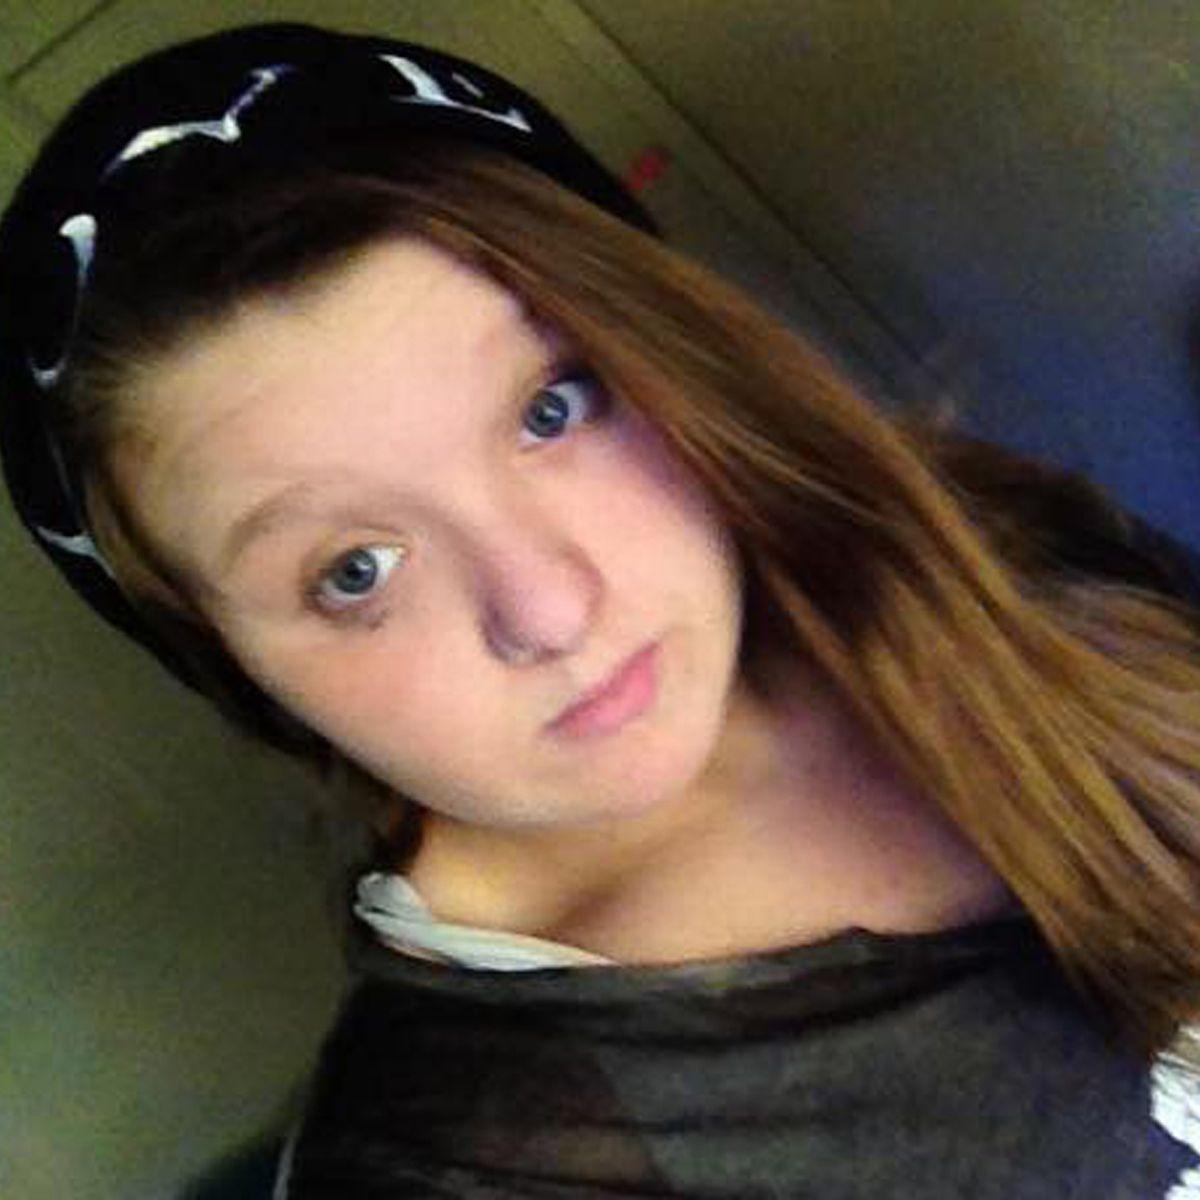 Thảm kịch từ mối tình qua mạng của bé gái 13 tuổi với hotboy: Biến mất trong đêm